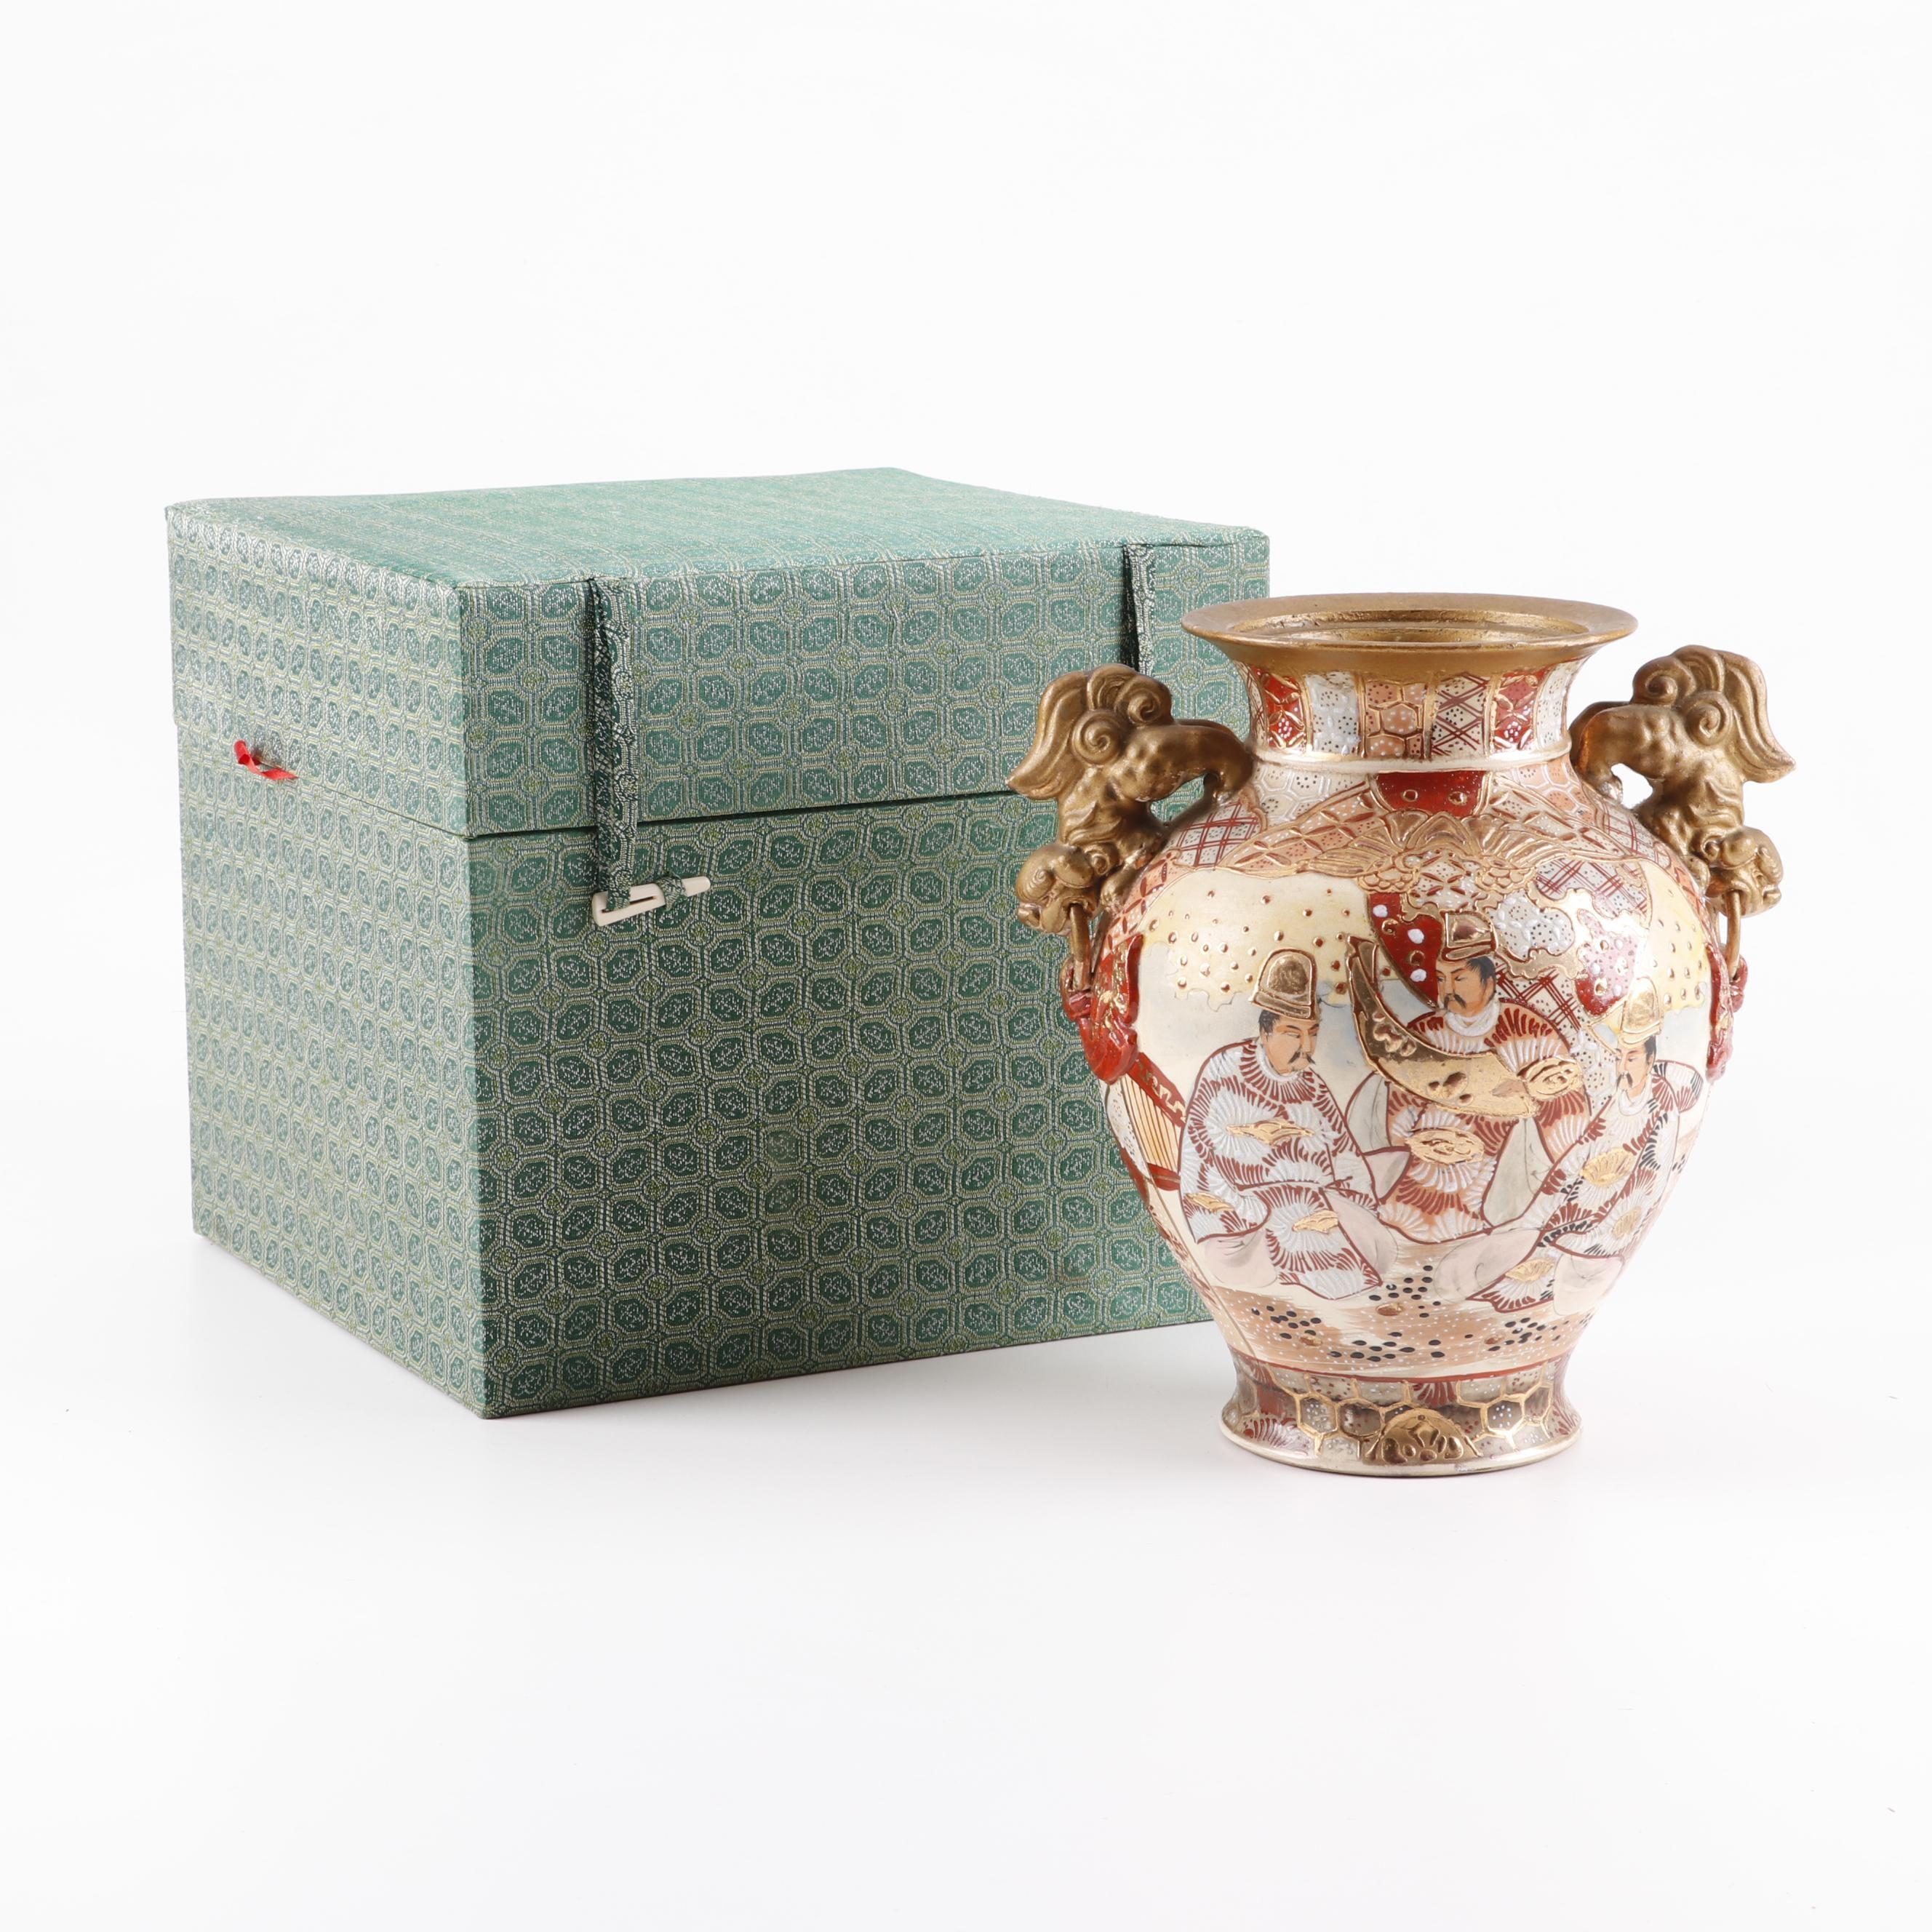 Japanese Satsuma Style Ceramic Vase in Decorative Box